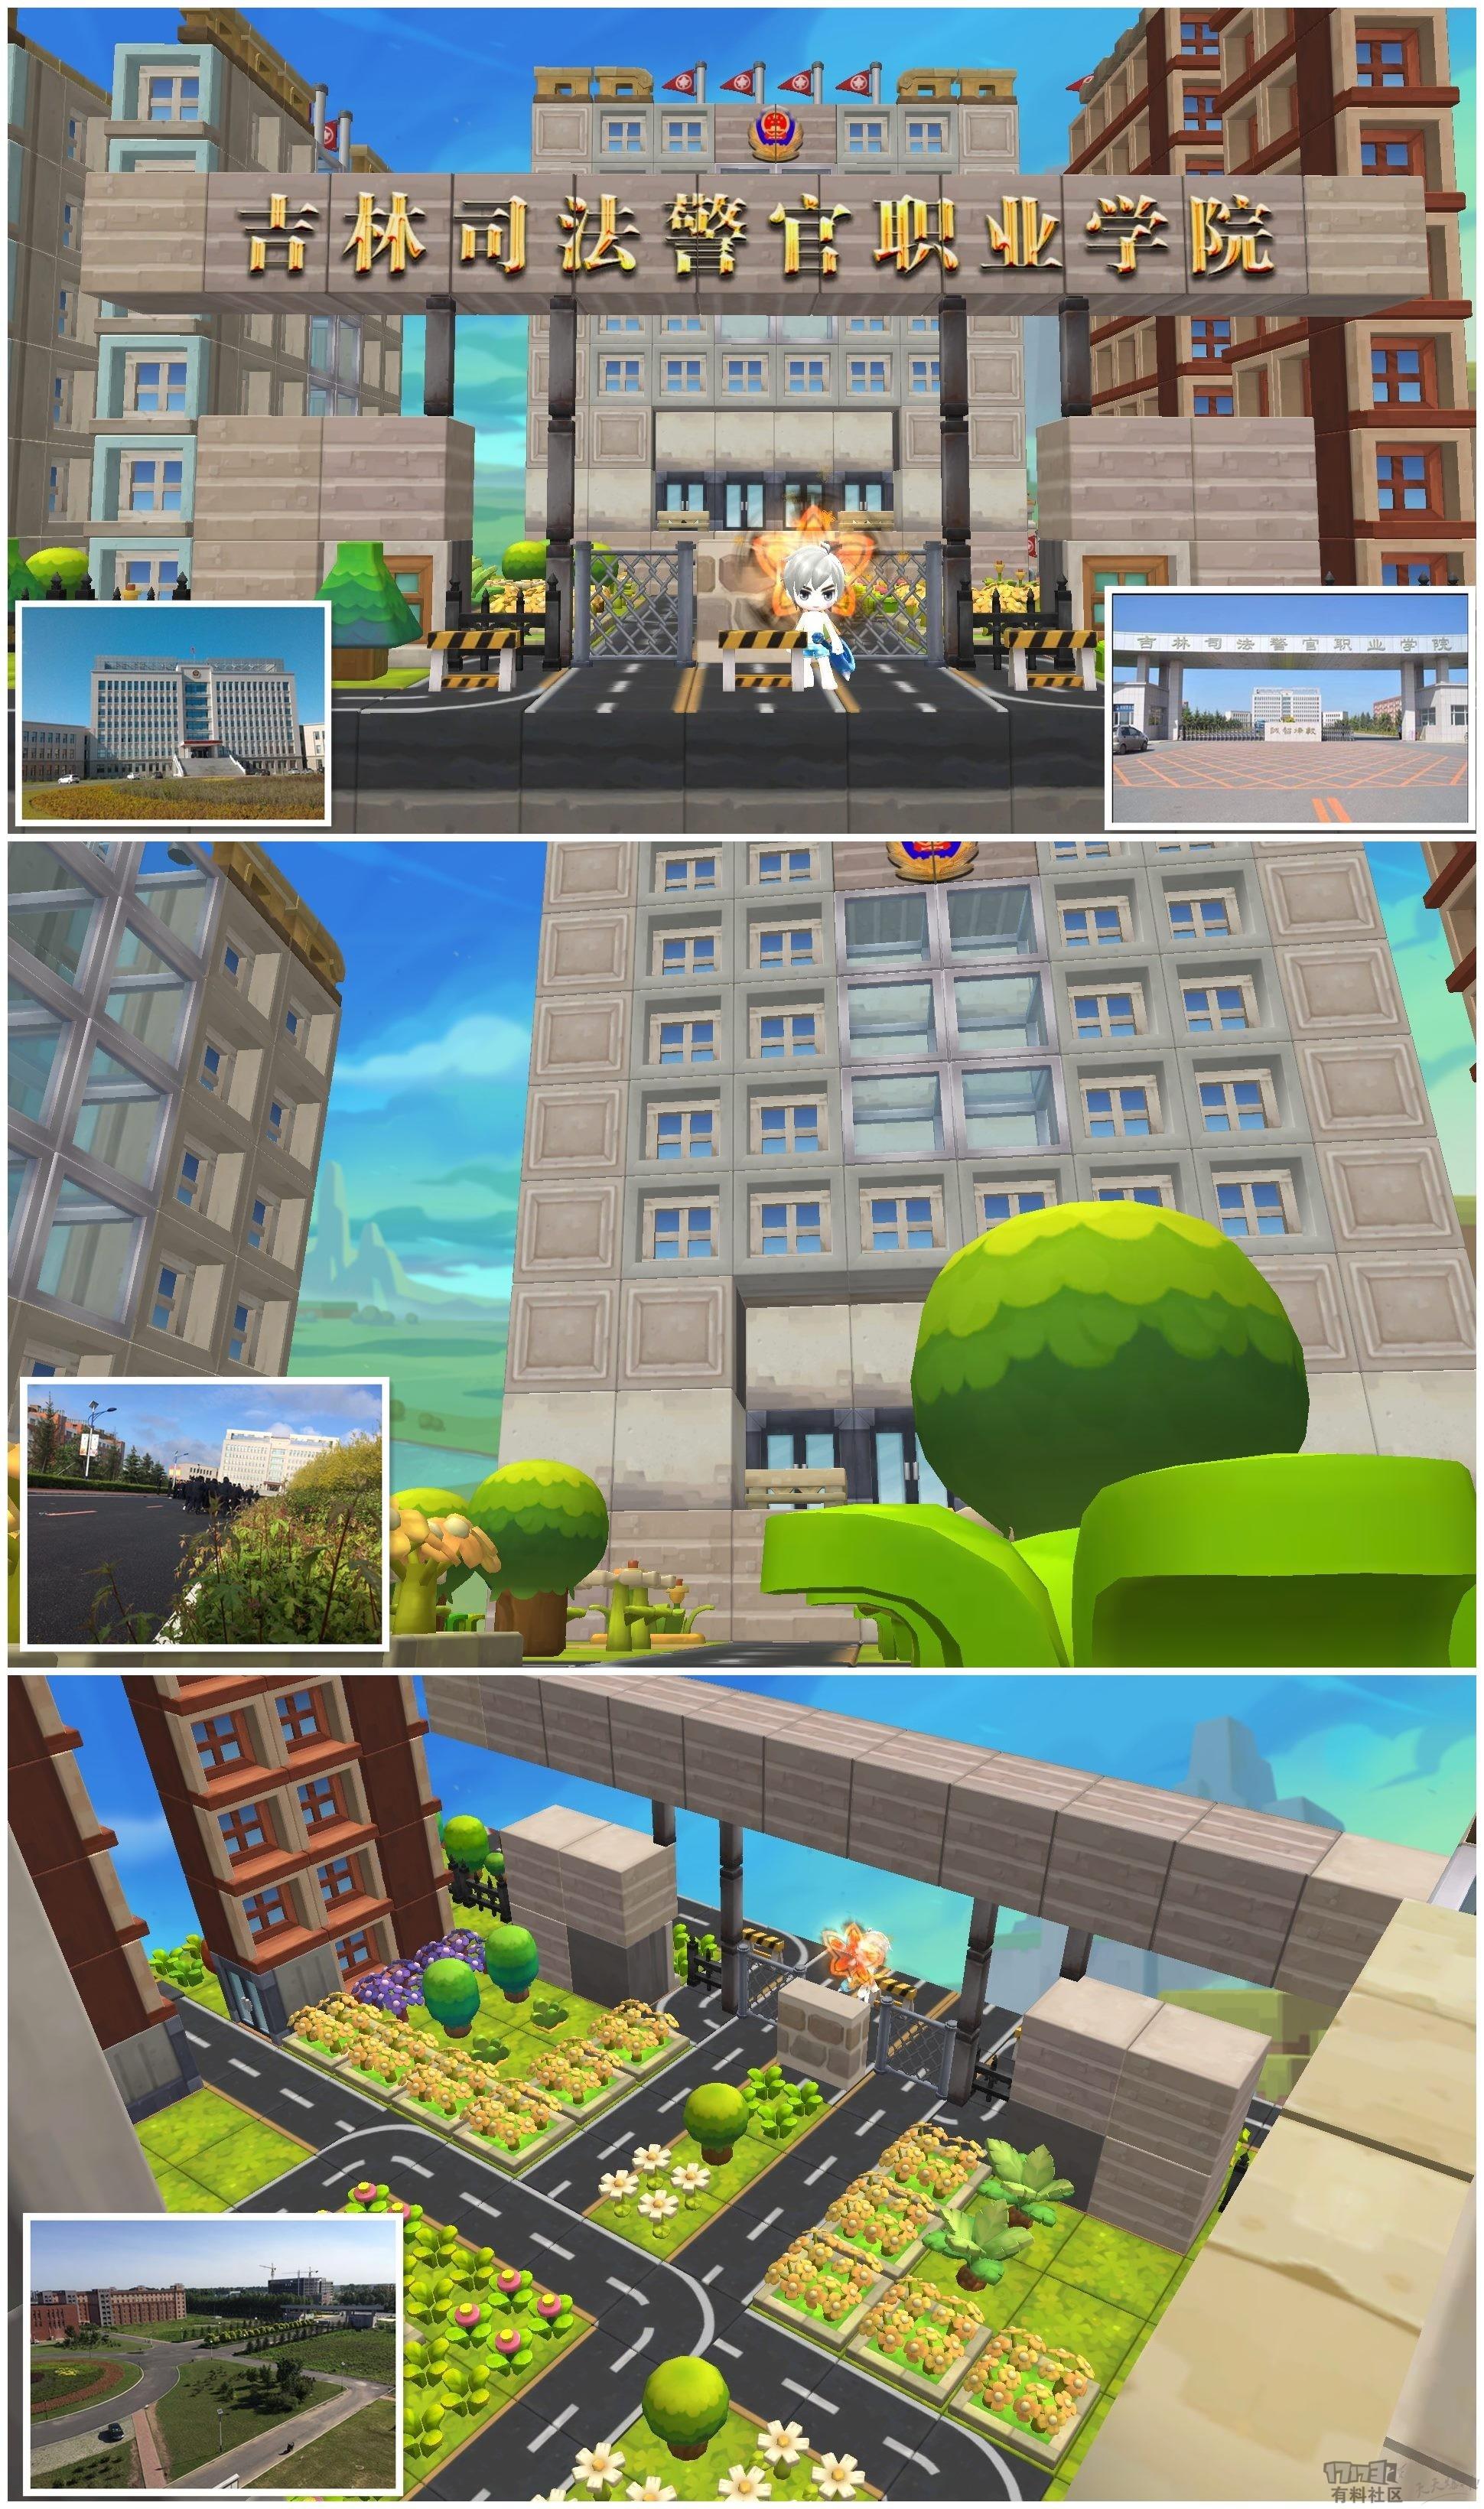 [冒险岛2]参加了岛2校园主题房屋设计,求各位老铁帮忙点赞